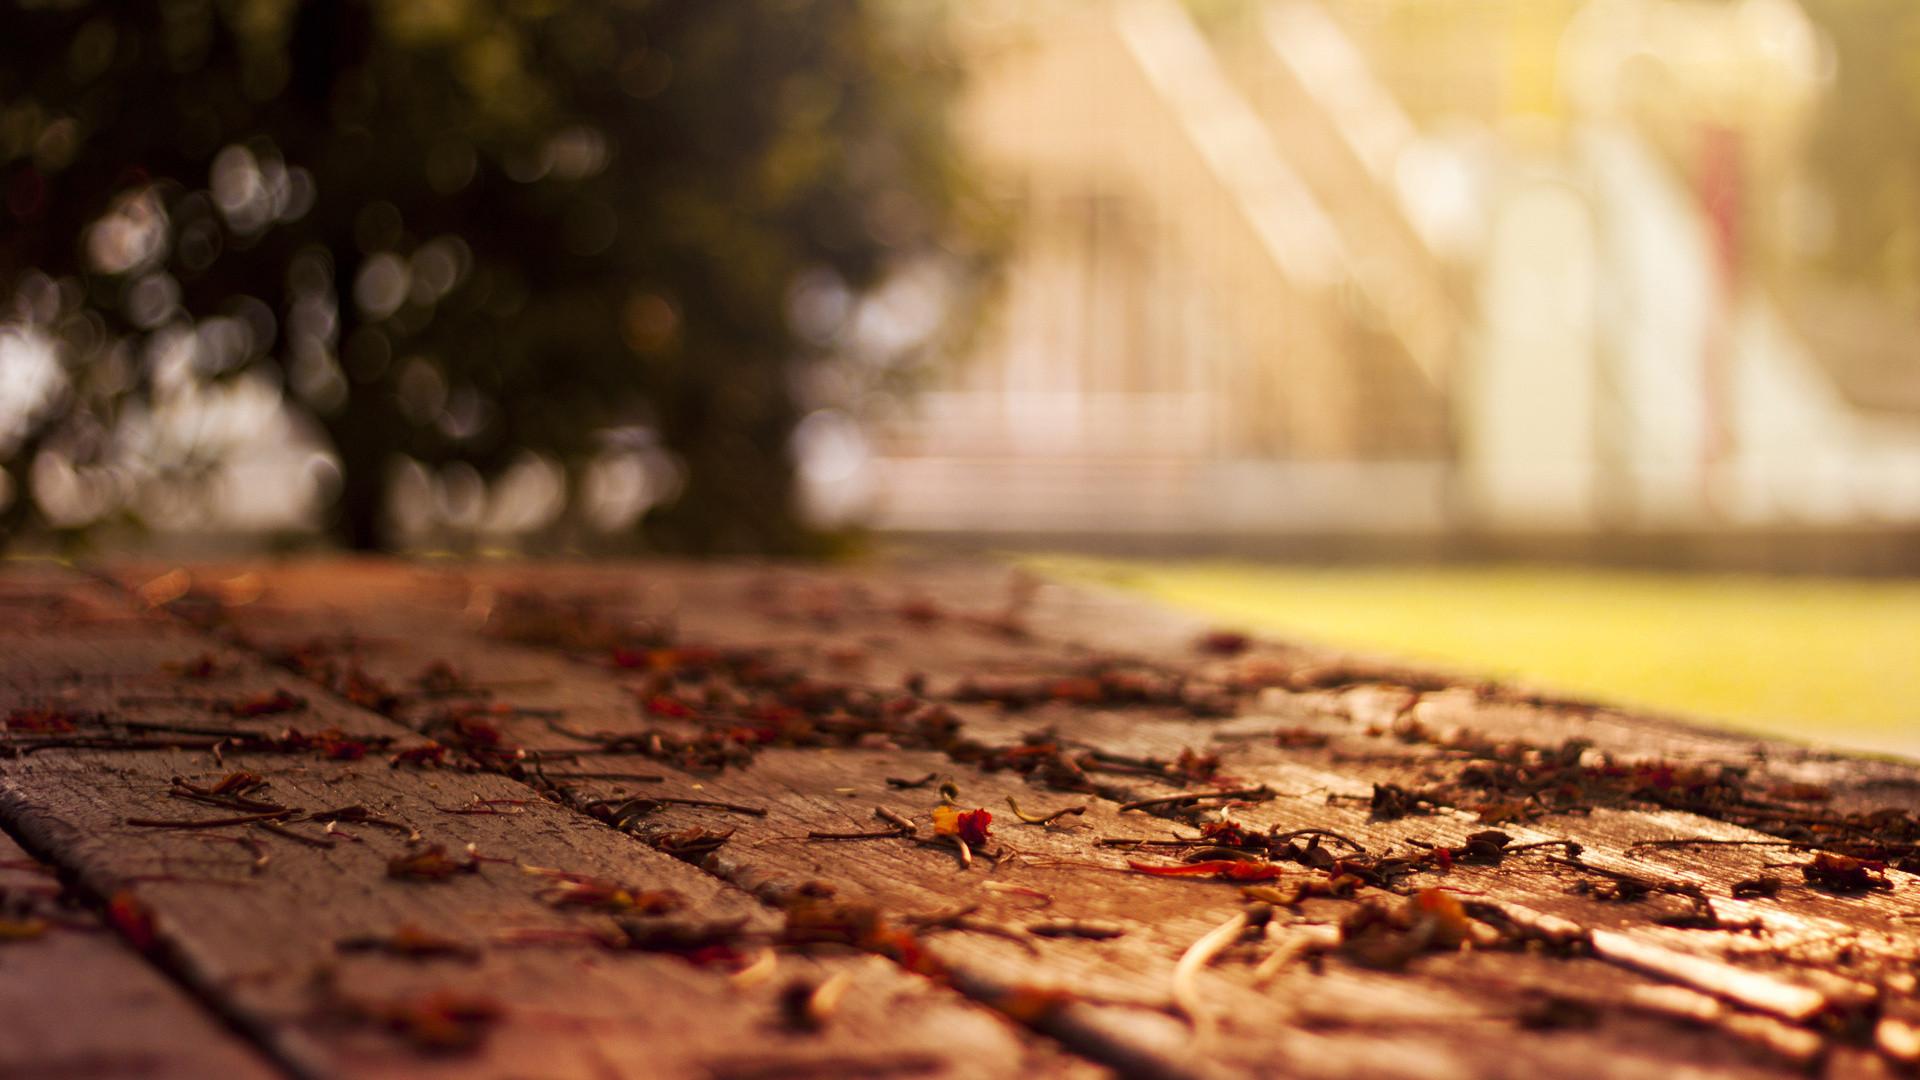 Các nhiếp ảnh gia chuyên nghiệp thường ghi lại những khoảnh khắc đẹp nhất của mùa thu, đó là hình ảnh lá rơi, những hàng cây vàng rực, bầu trời xanh trong ...